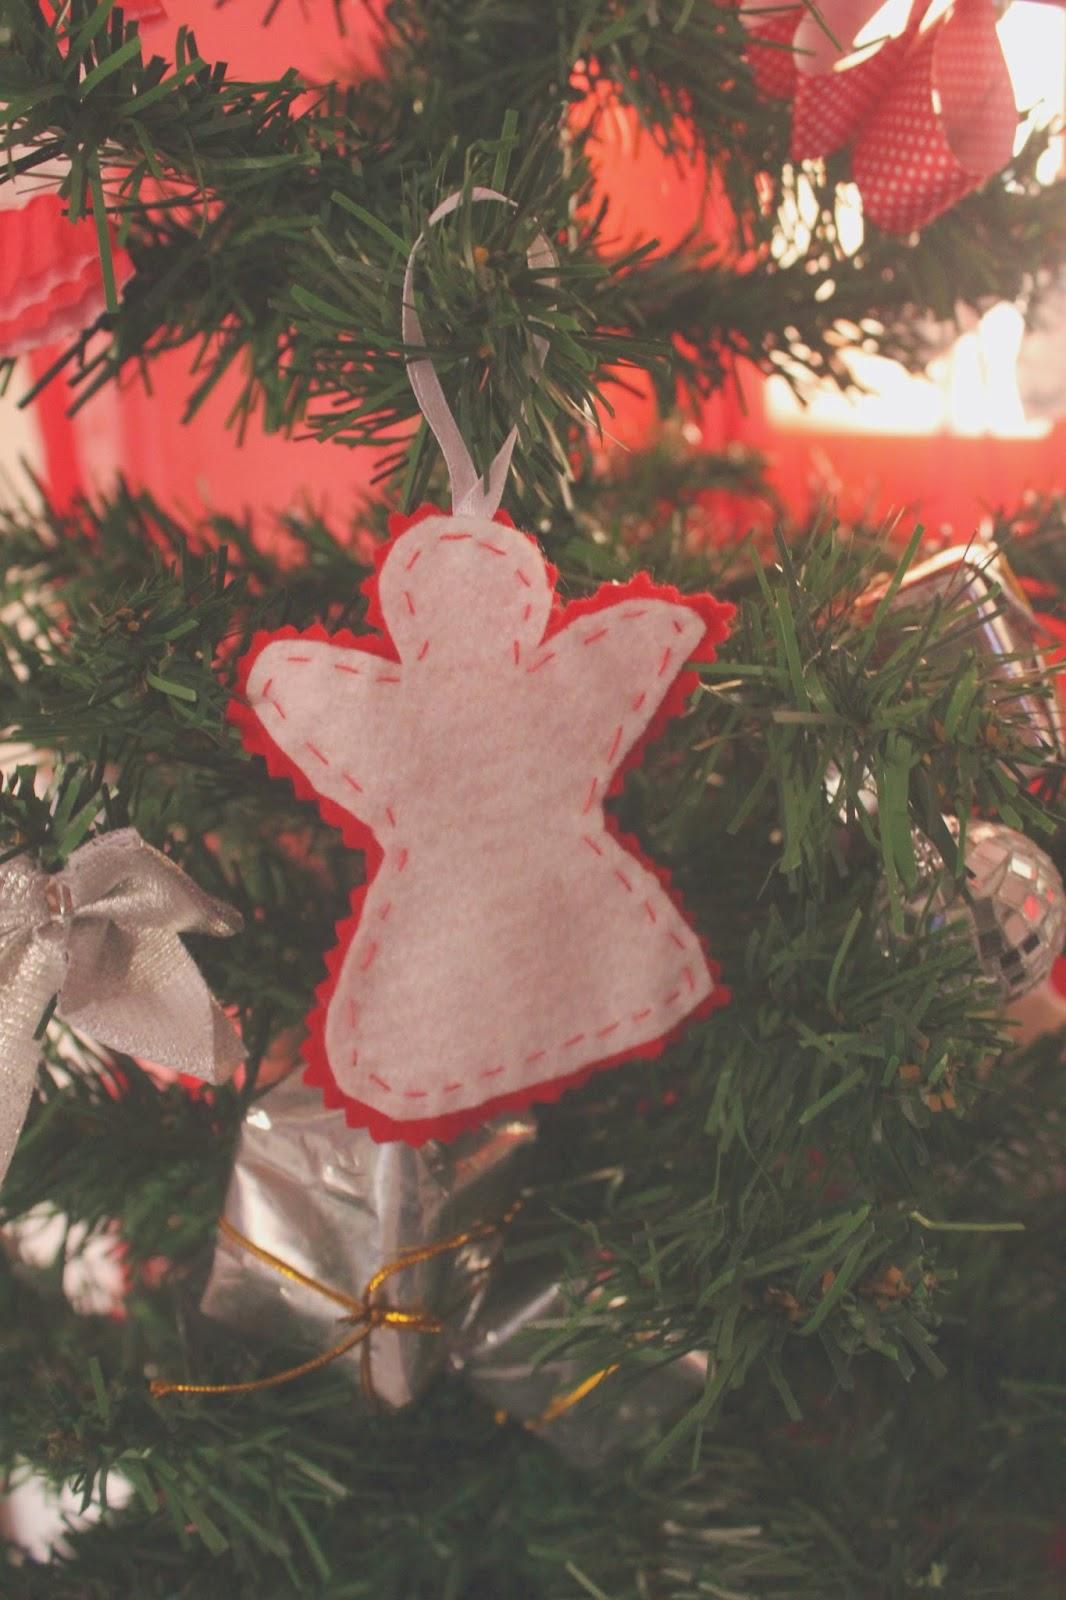 Enfeites Natalinos - Faça você mesmo #segundanatalina - Anjinho de feltro, pinheirinho de forminhas de cupcakes